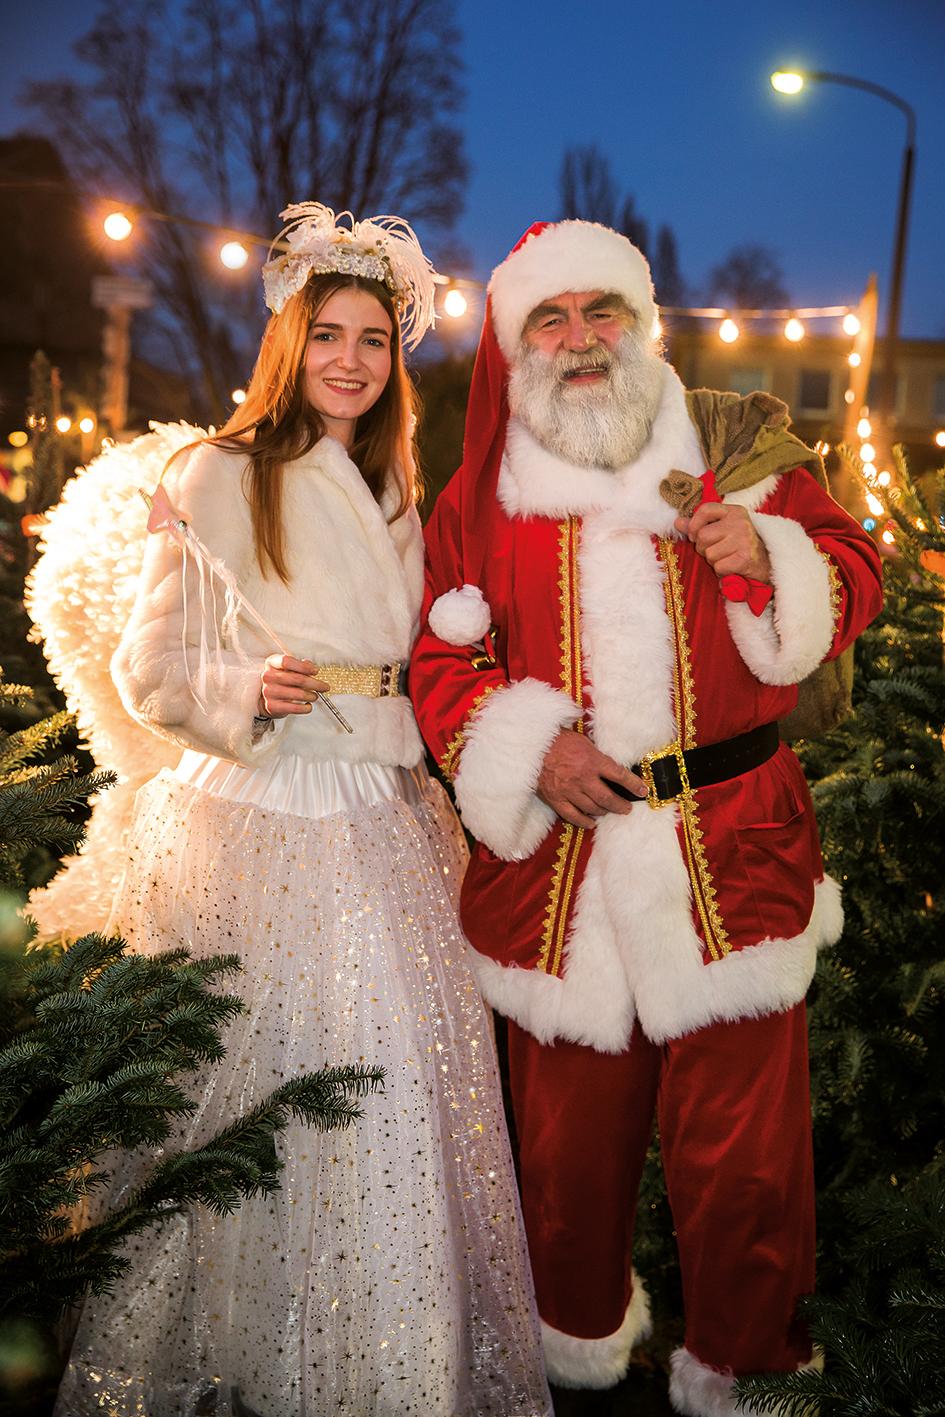 Weihnachtsengel und Weihnachtsmann im Tannenwald